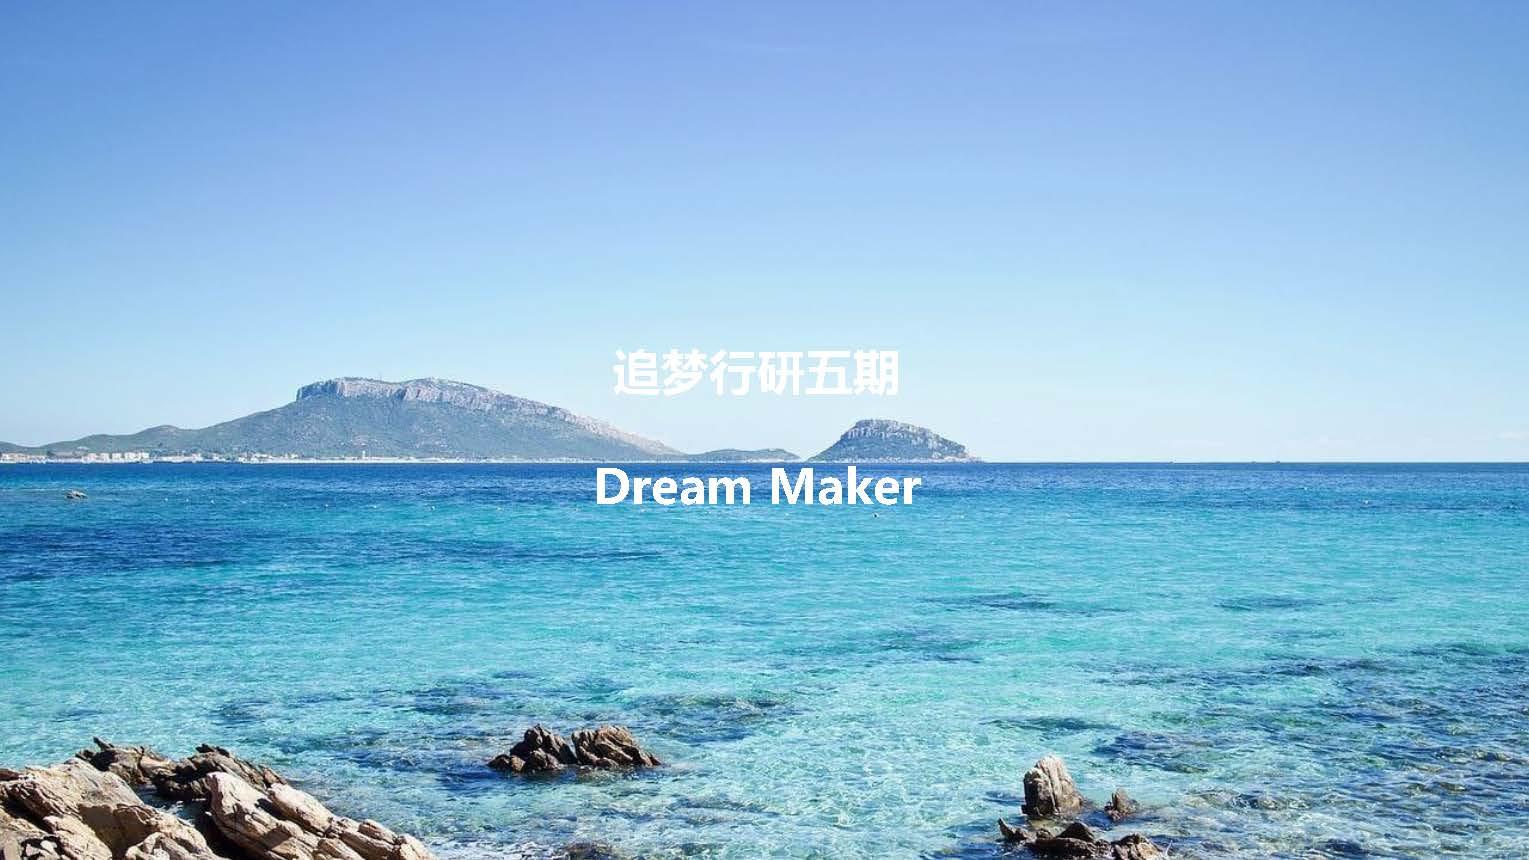 中国旅游行业研究 _页面_32.jpg